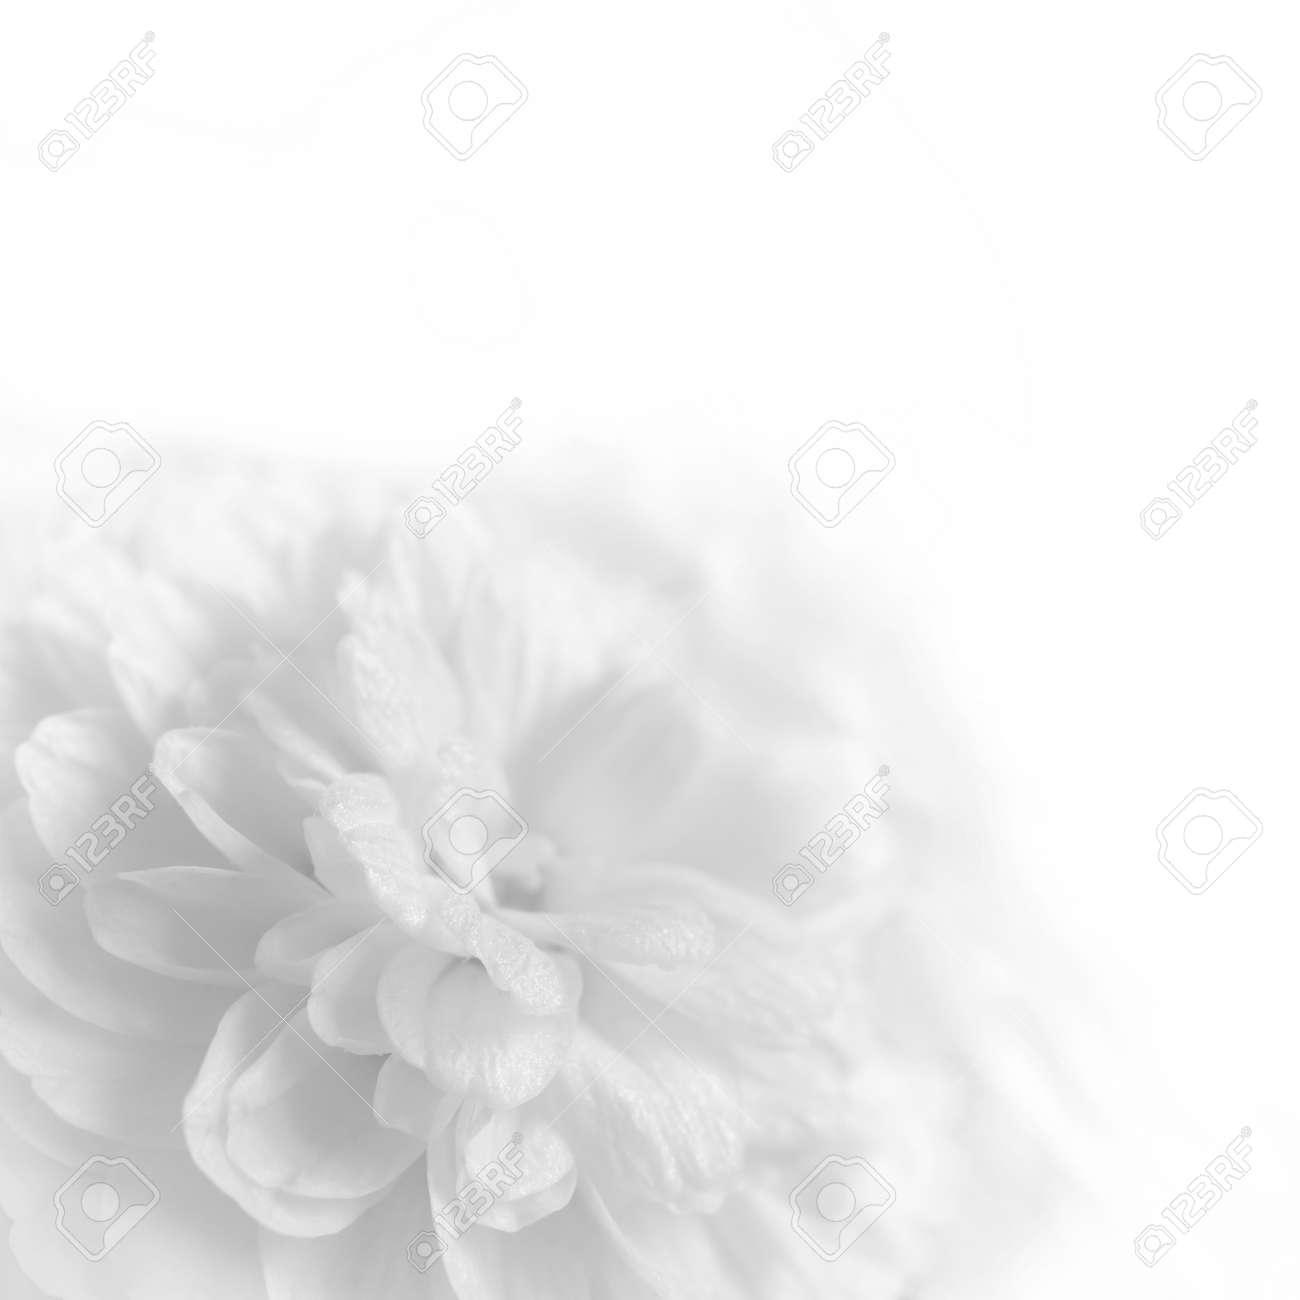 Weisse Blumen Auf Einem Weissen Hintergrund Lizenzfreie Fotos Bilder